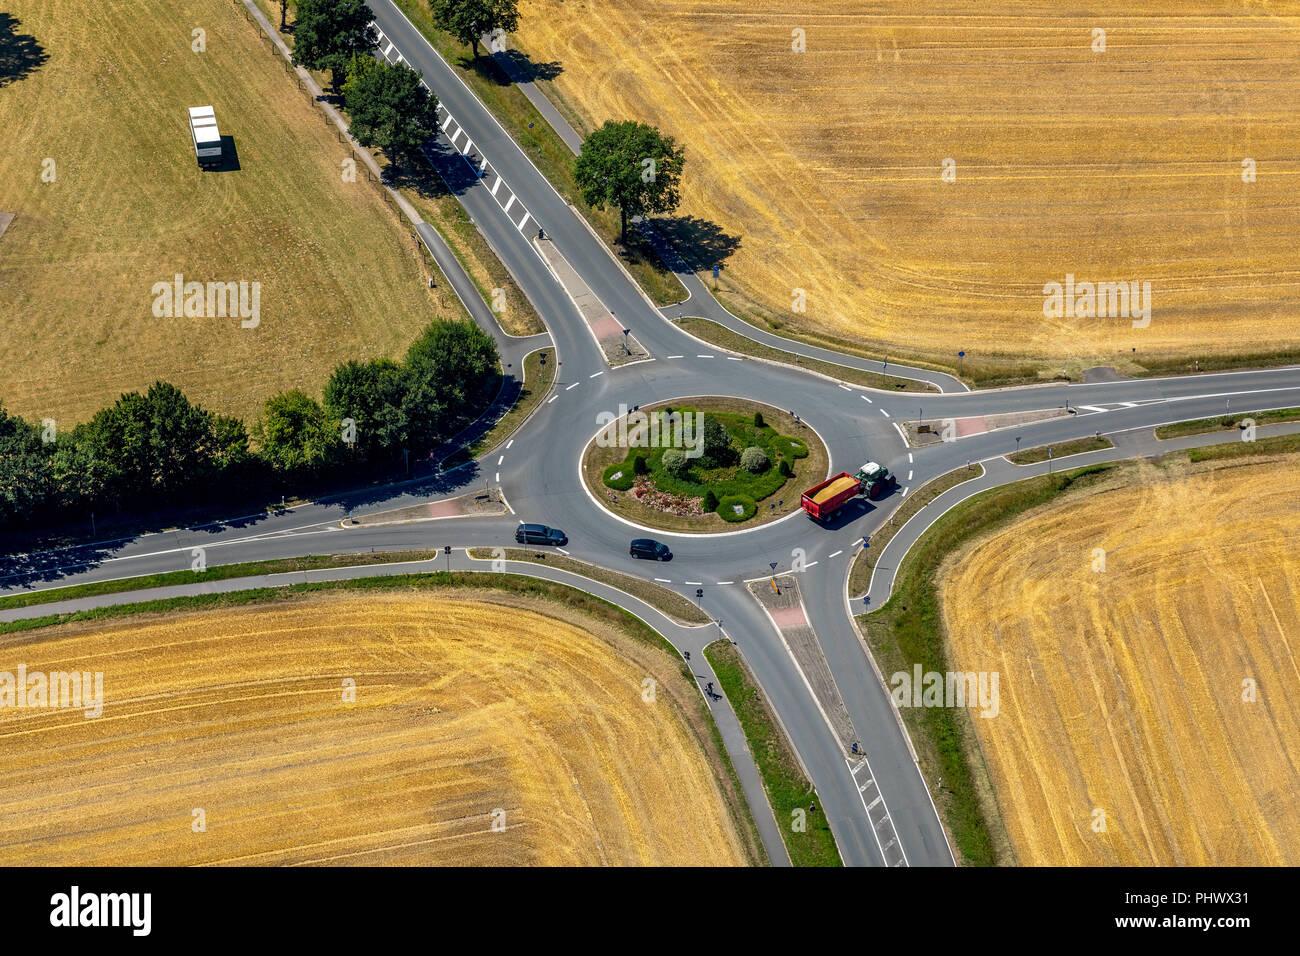 , Roundabout between harvested fields, Westring, Westkirchener Straße, Beelen, Kreis Warendorf, Münsterland, North Rhine-Westphalia, Germany, DEU, Eur - Stock Image